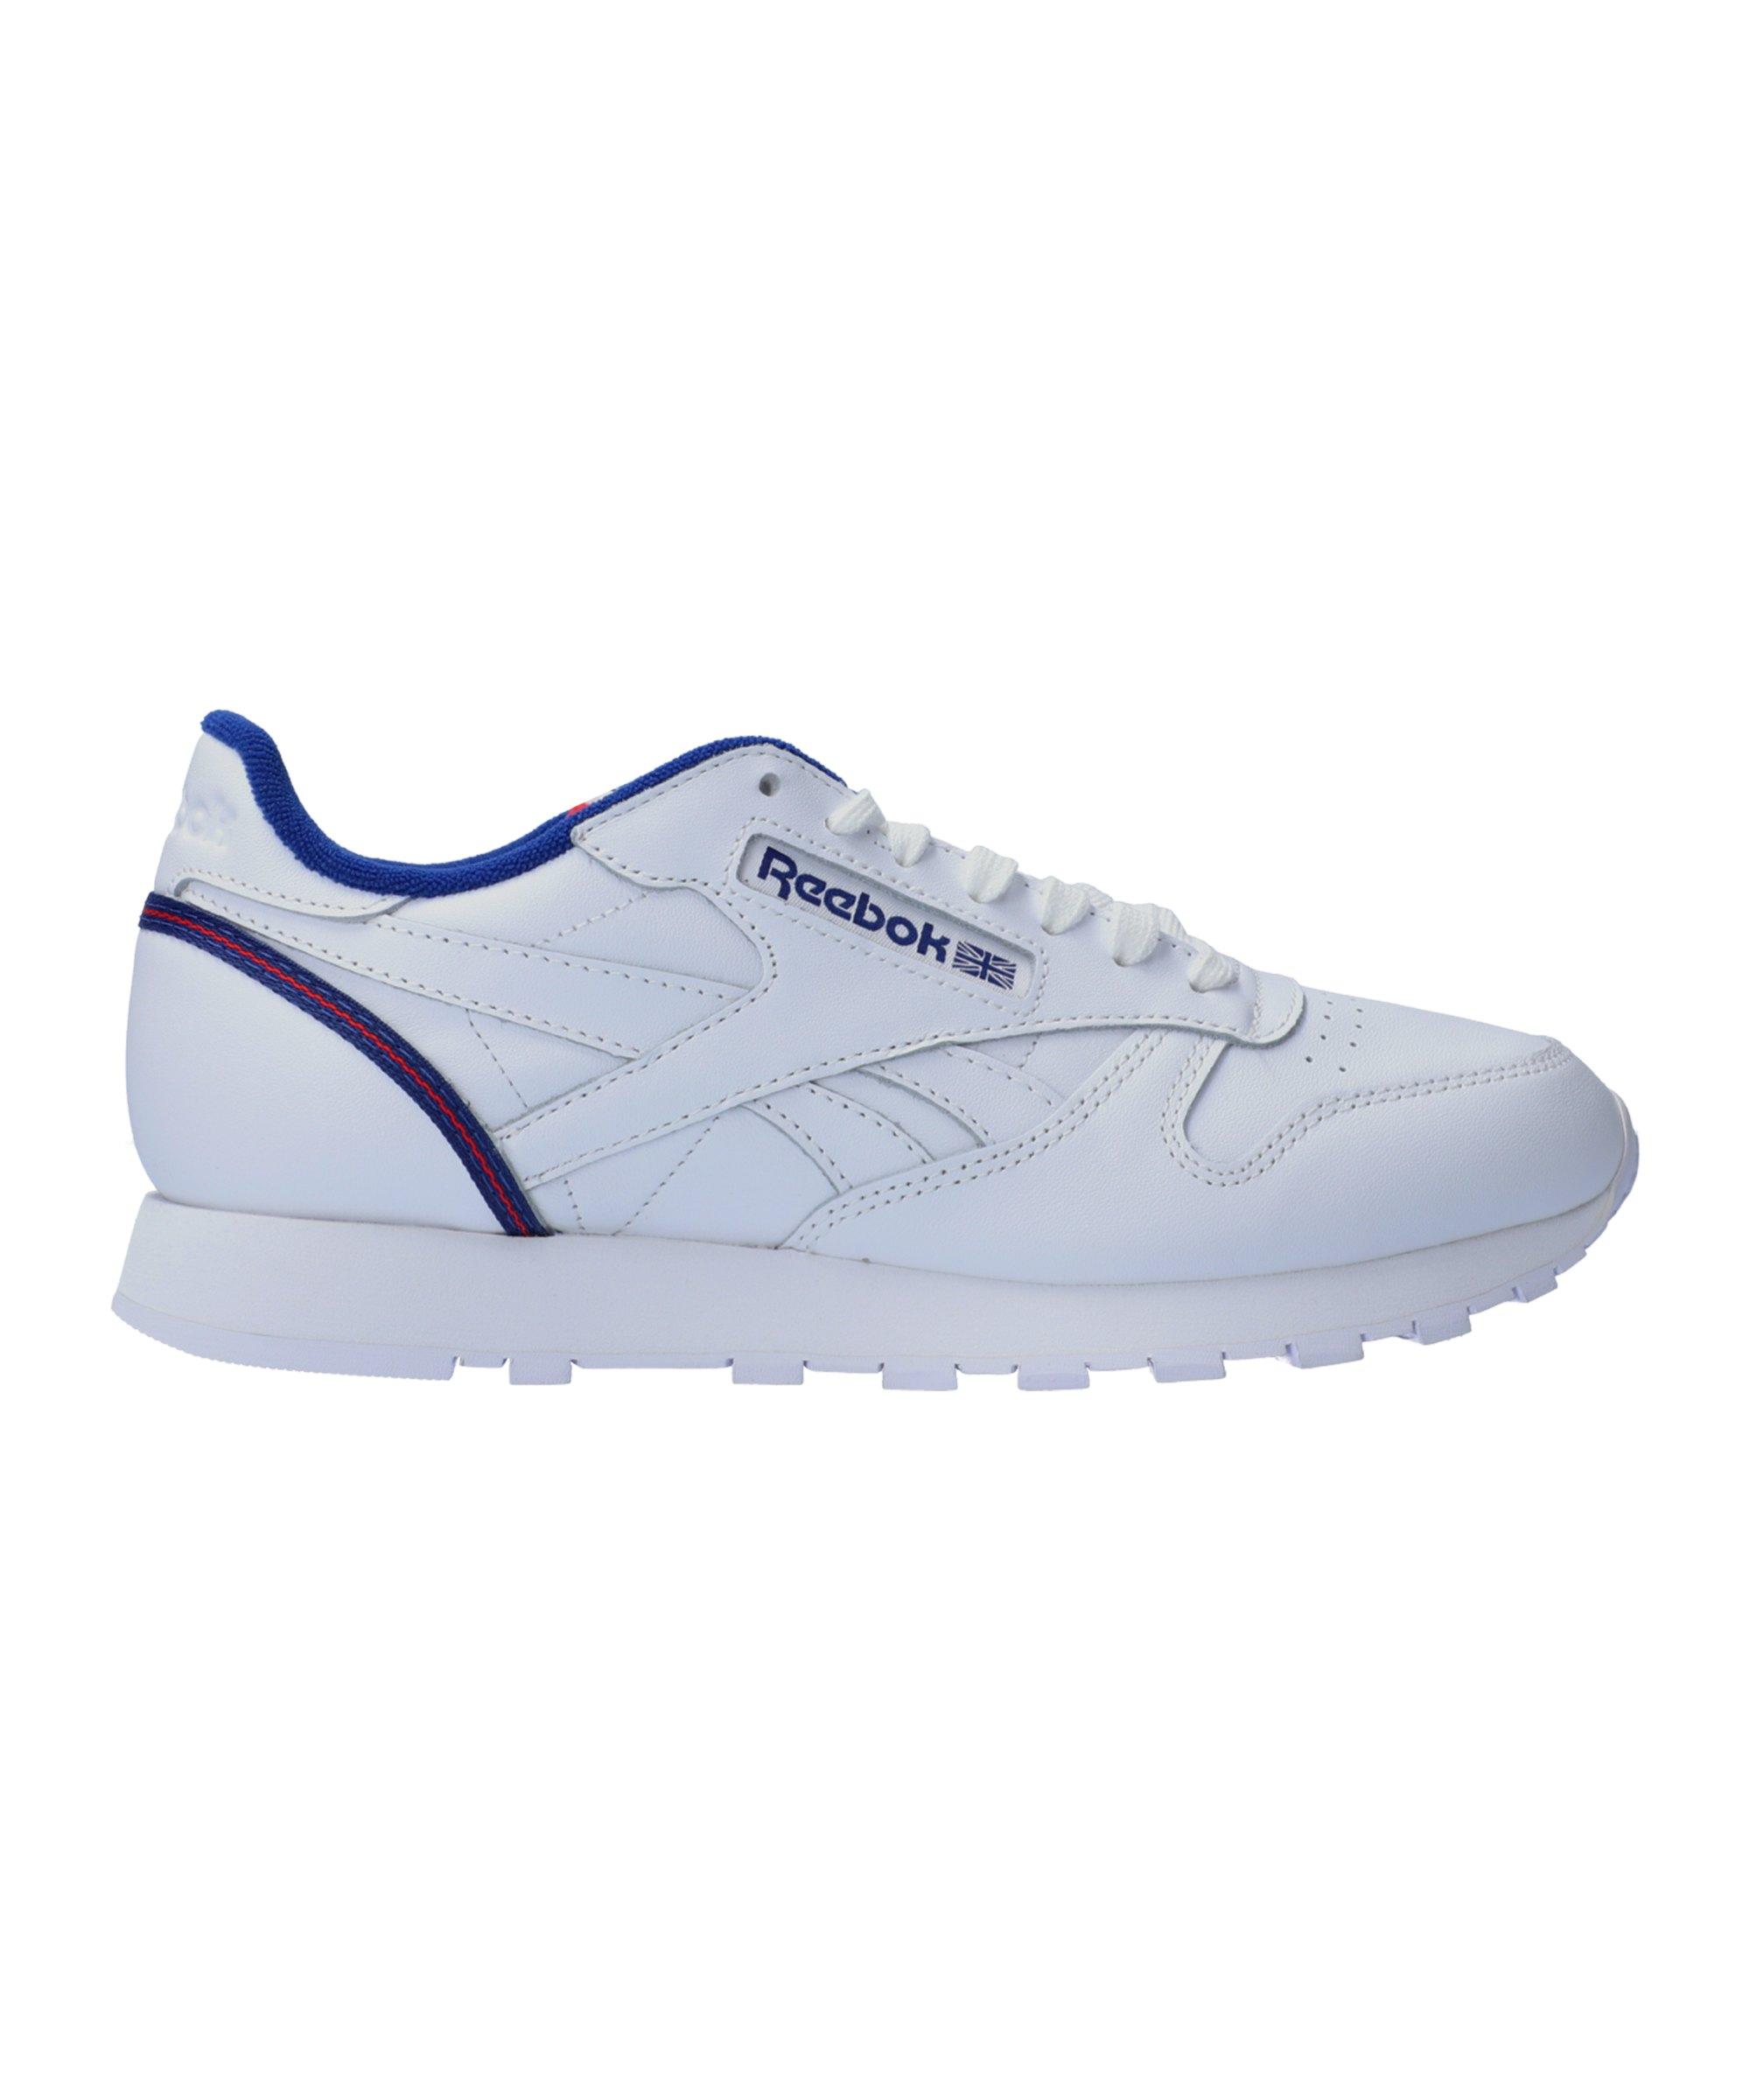 Reebok CL Leather Sneaker Weiss - weiss